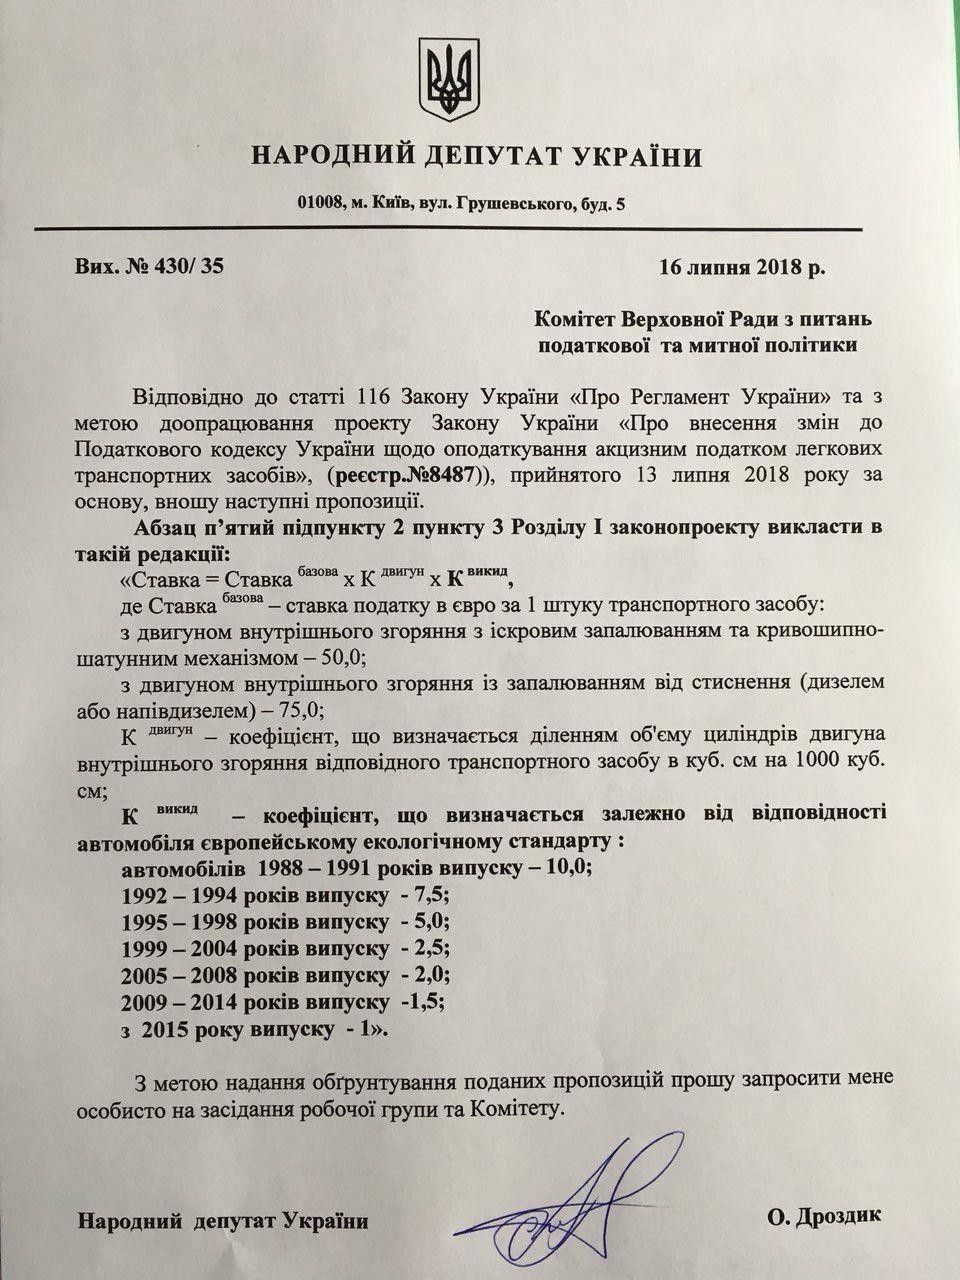 Евроавто в Украине: предложено новое решение проблемы